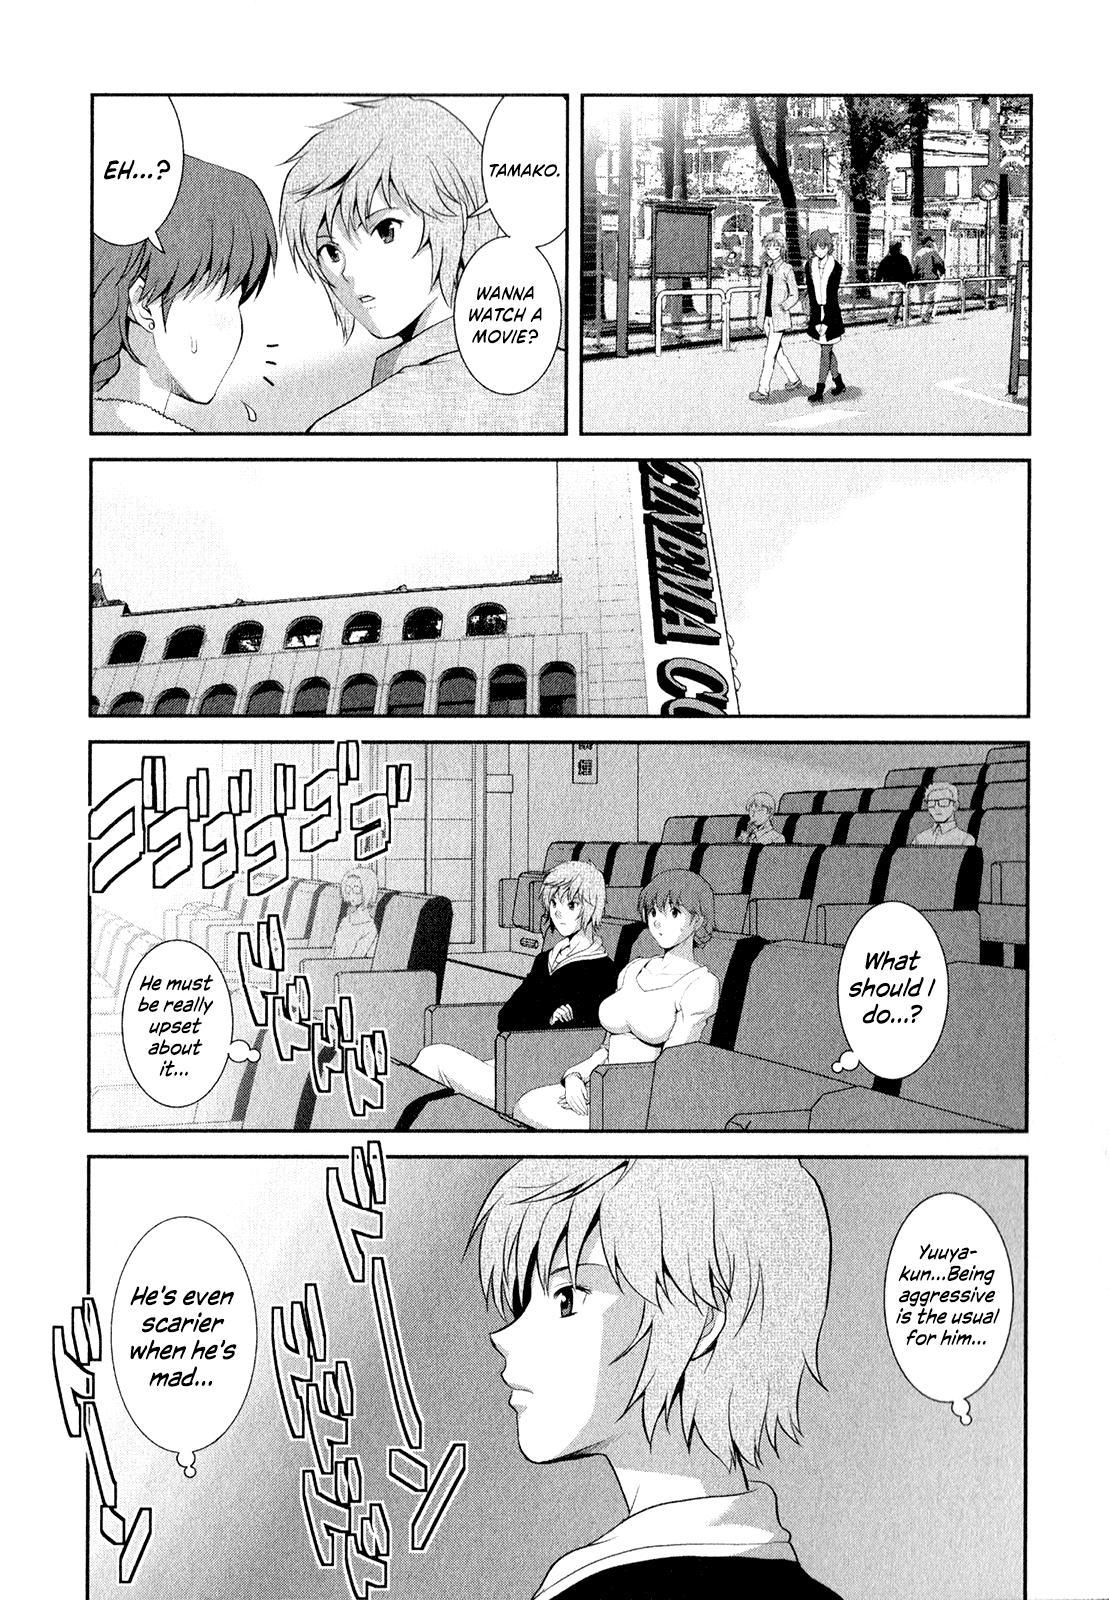 [Saigado] Hitozuma Audrey-san no Himitsu ~30-sai kara no Furyou Tsuma Kouza~ - Vol. 2 [English] {Hennojin} 33